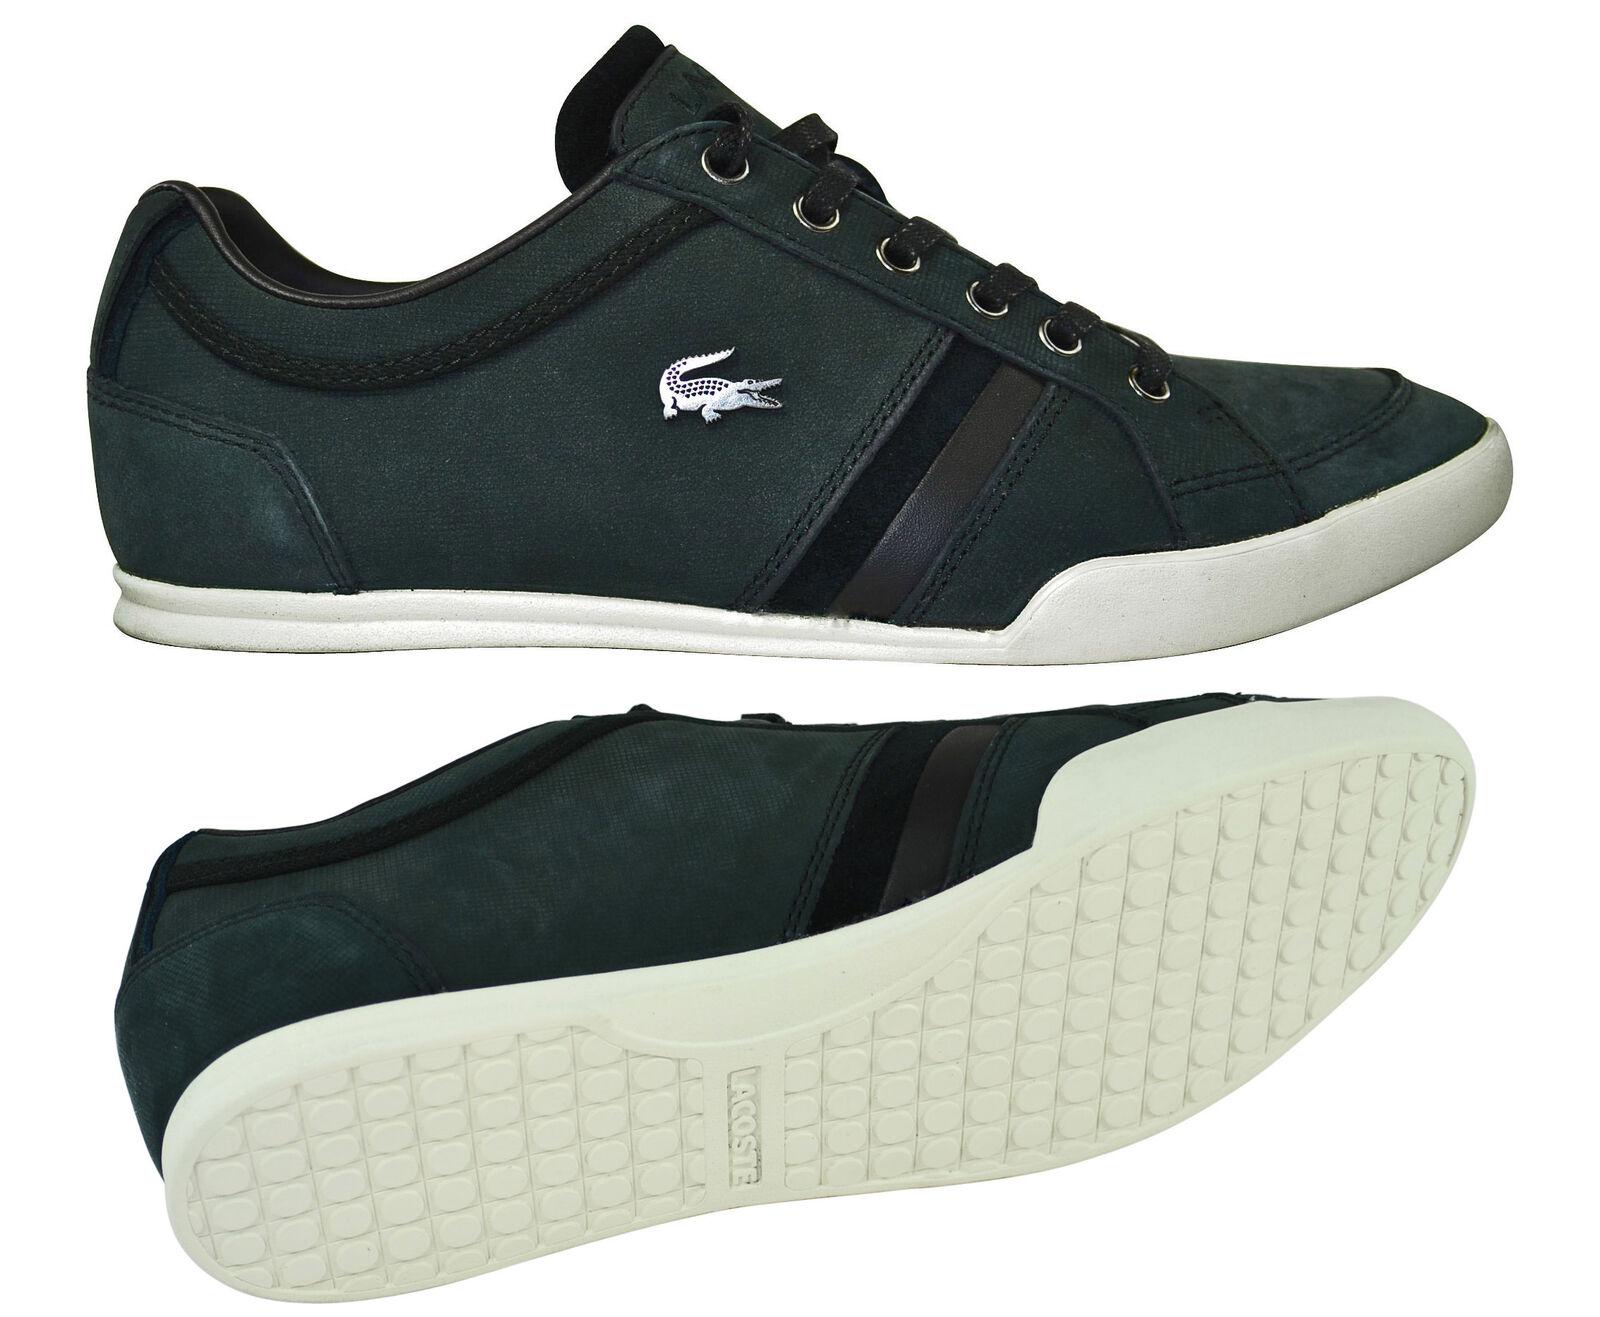 Lacoste Rayford 4 SRM black Schuhe Sneaker schwarz Gr.40 Sale